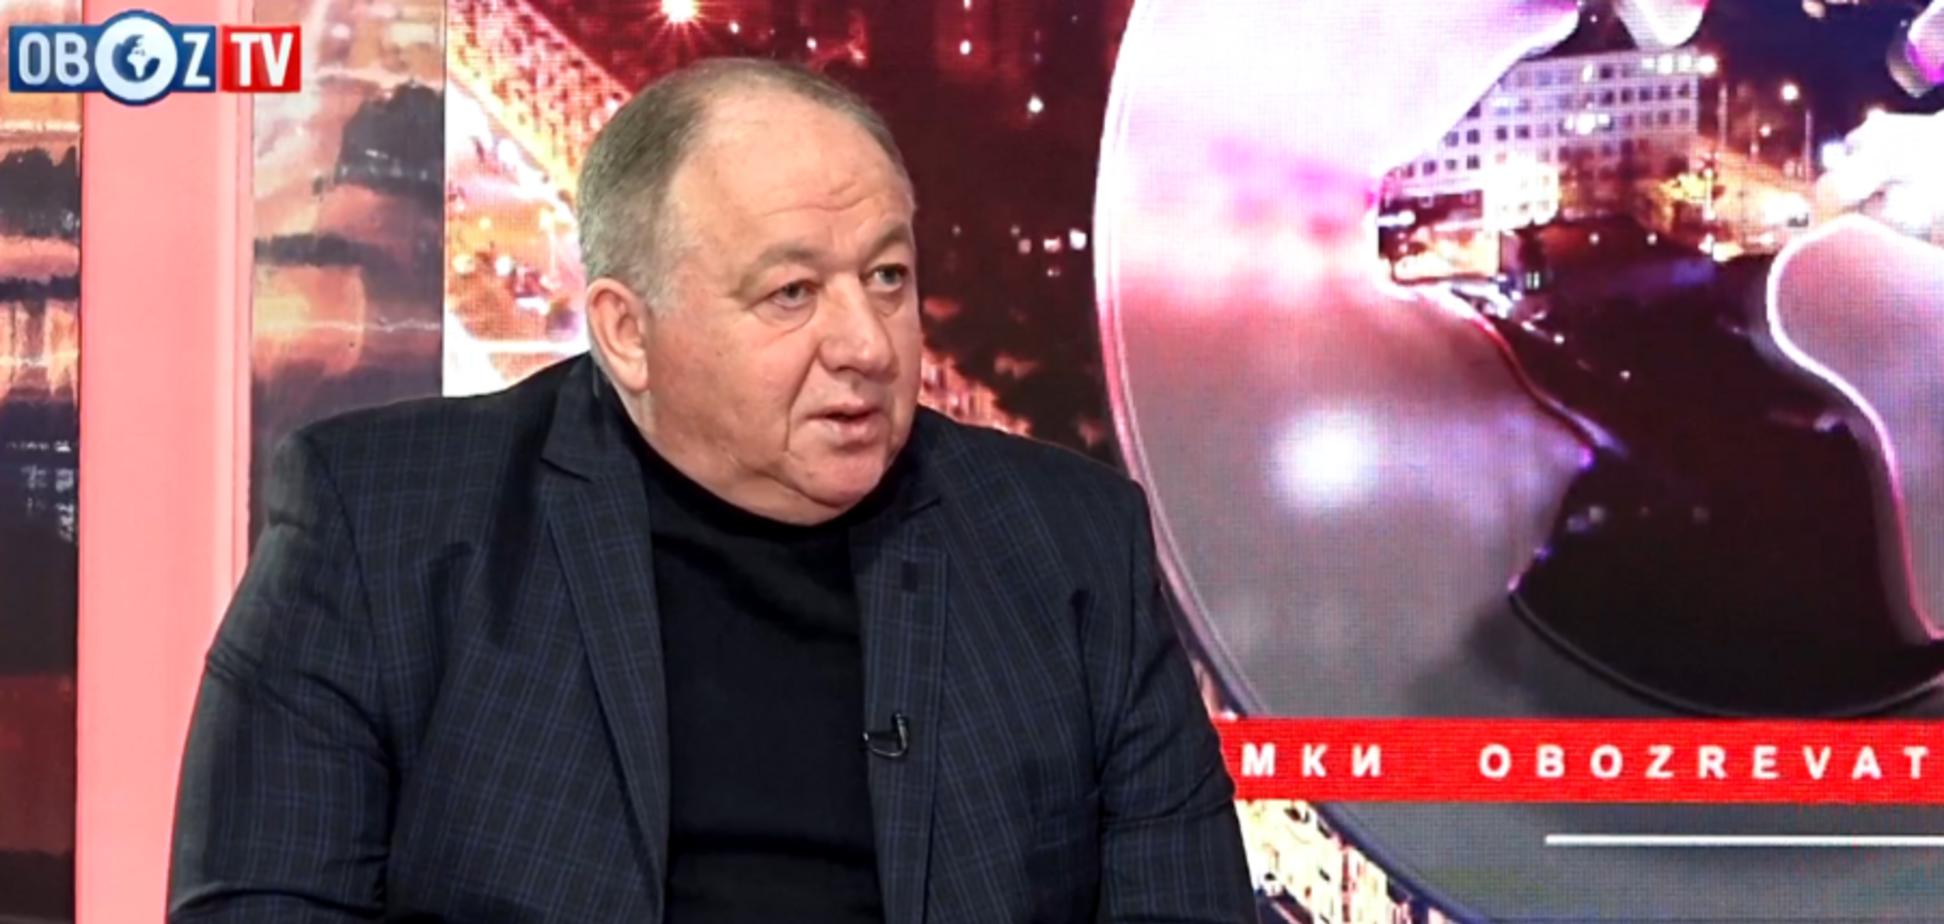 Политика в отношении Донбасса была неправильной – экс-глава Донецкой военно-гражданской администрации